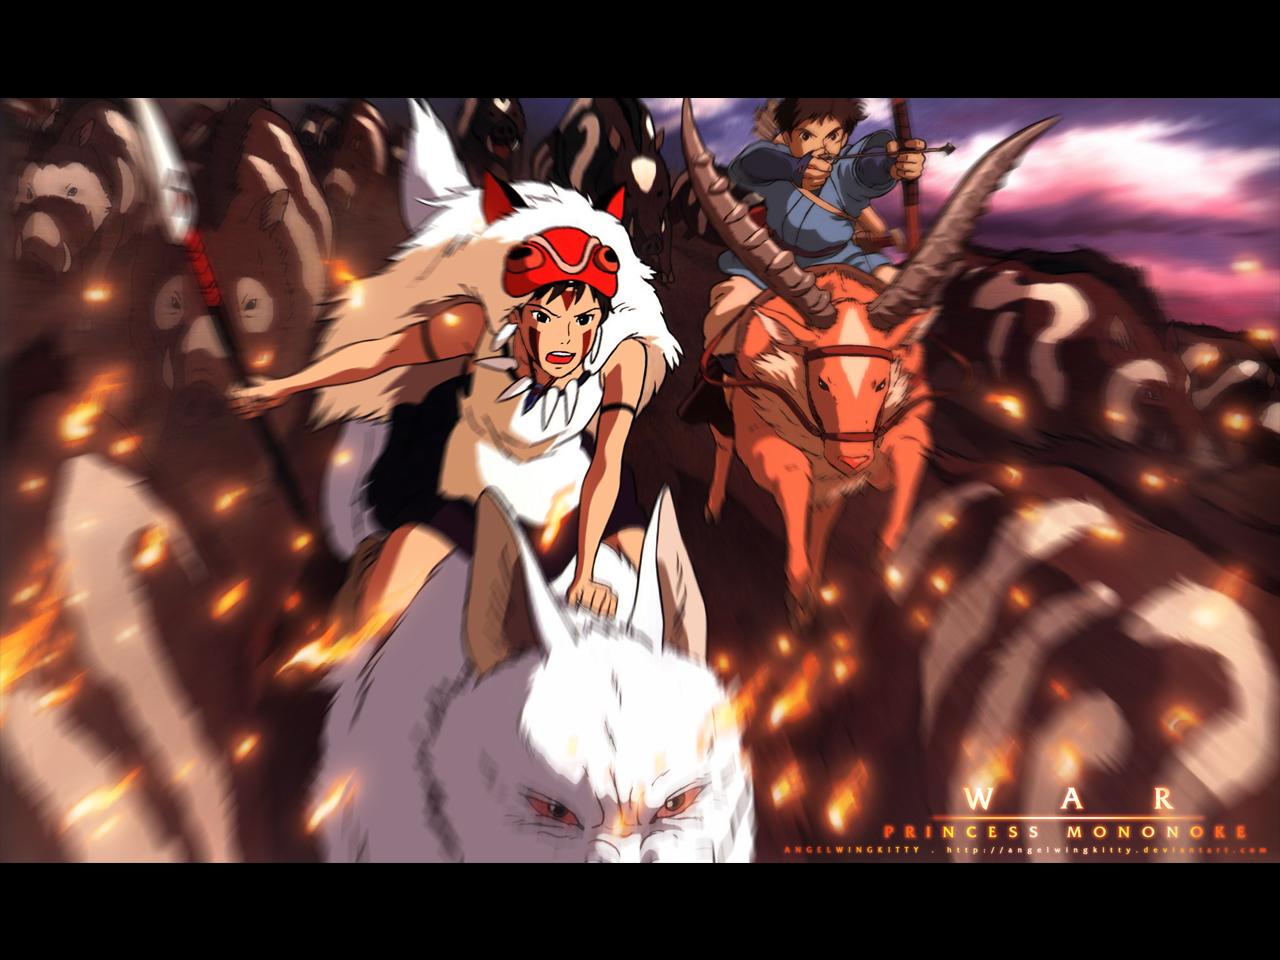 Princess Mononoke Wallpaper War Princess Mononoke Minitokyo